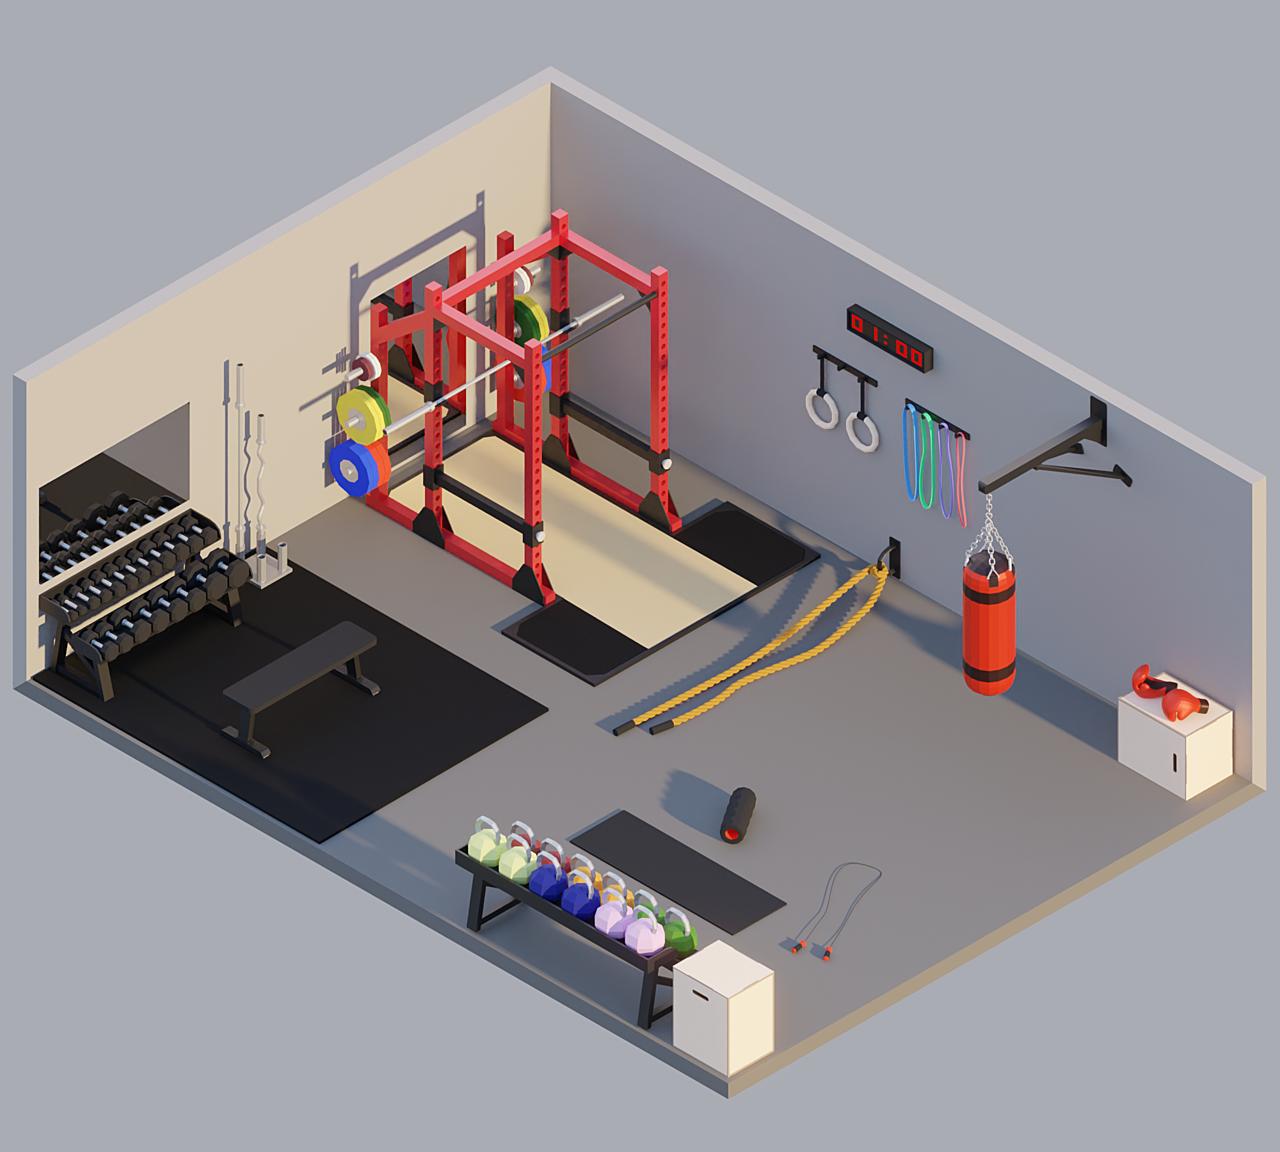 My ideal garage gym